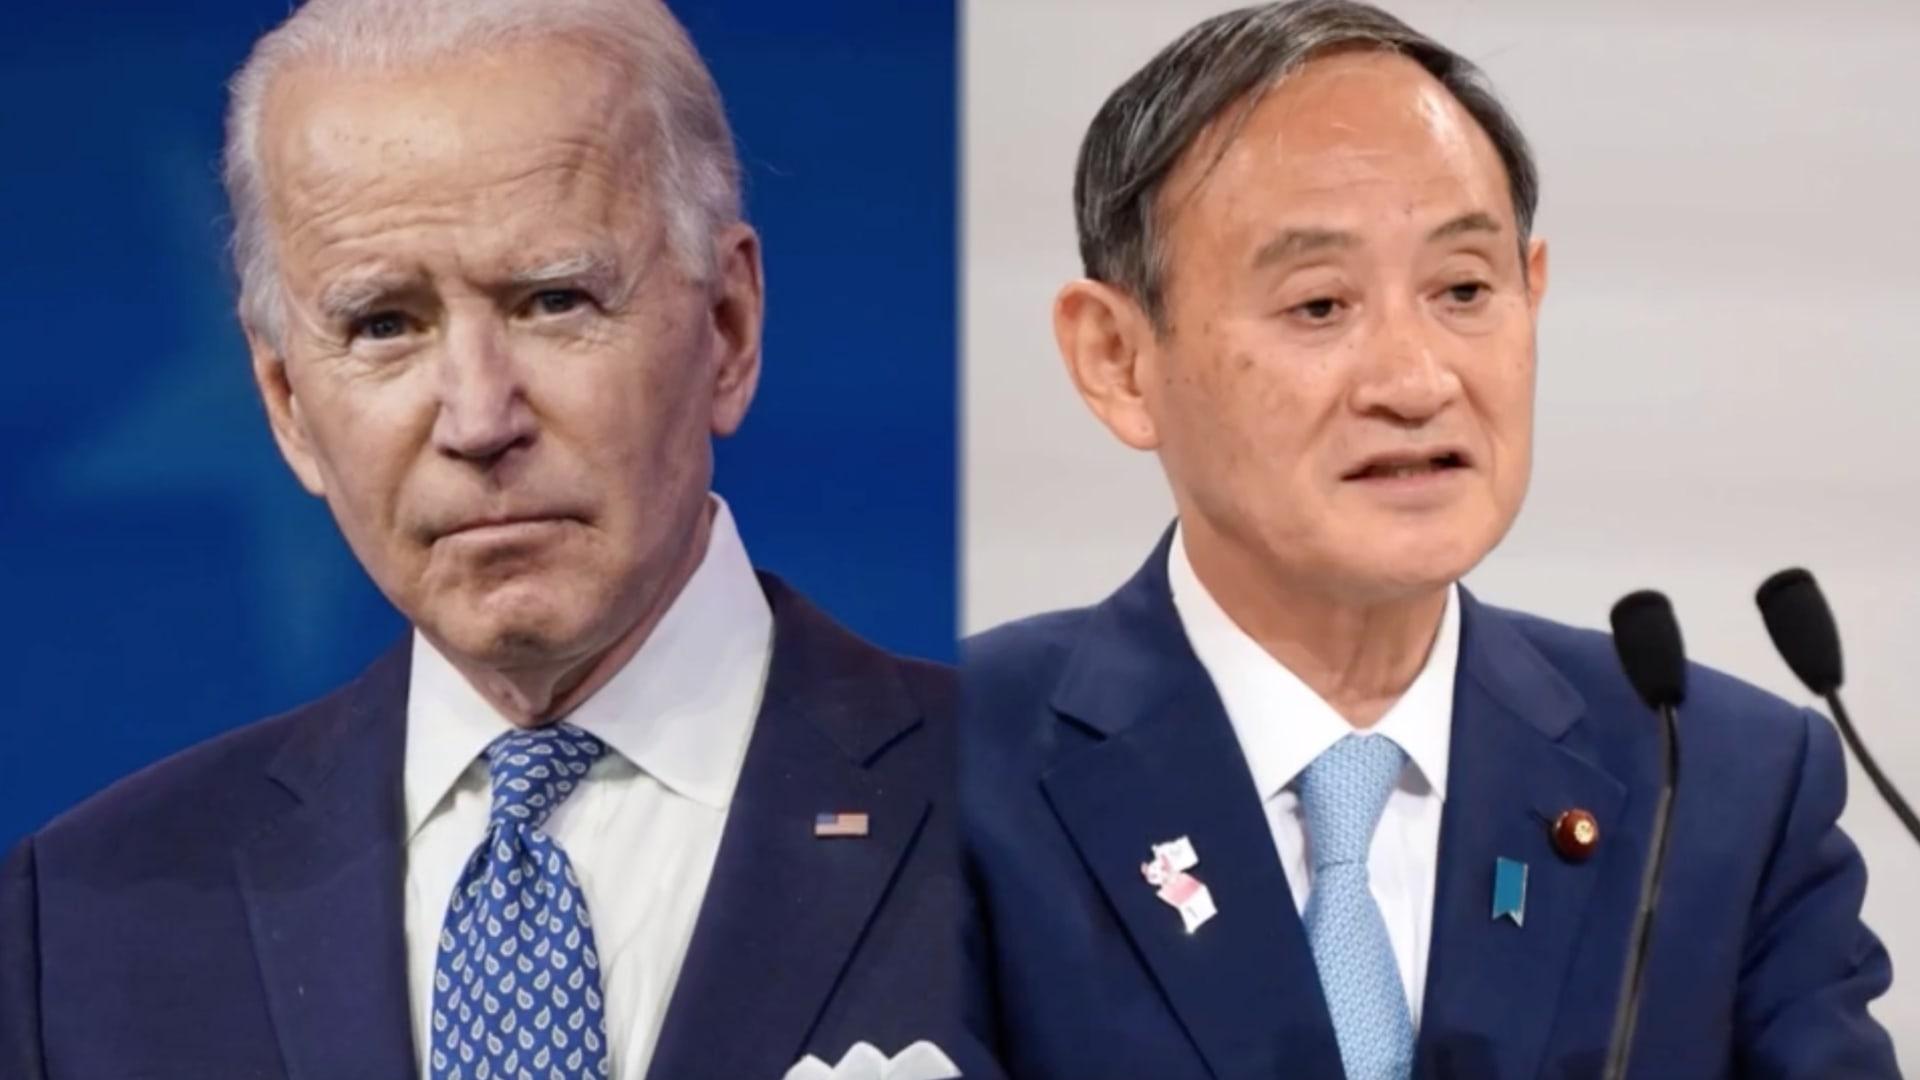 أول لقاء بين بايدن ورئيس وزراء اليابان.. والتركيز على أزمة الصين